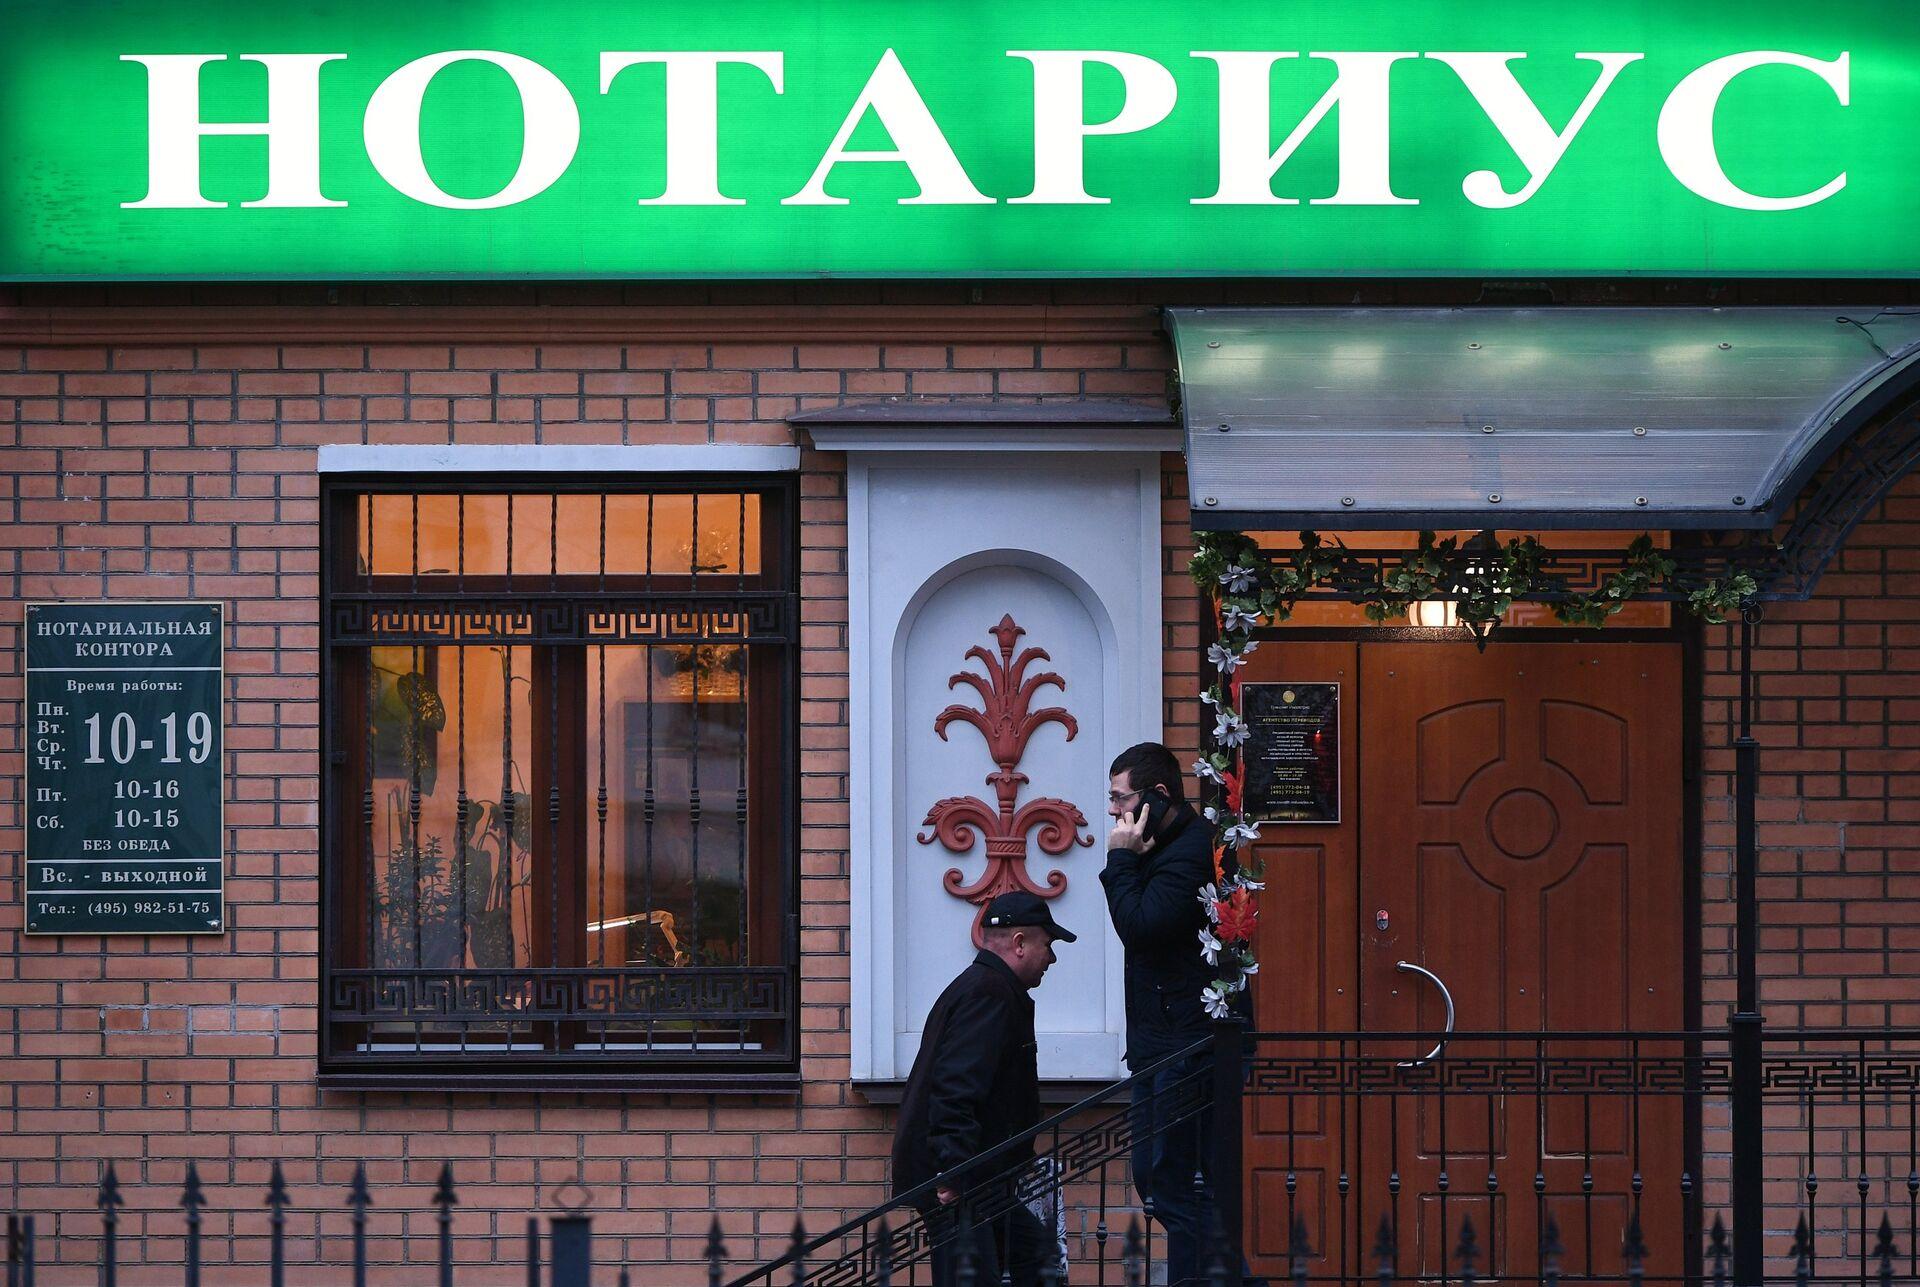 Нотариус в Москве - РИА Новости, 1920, 08.10.2021